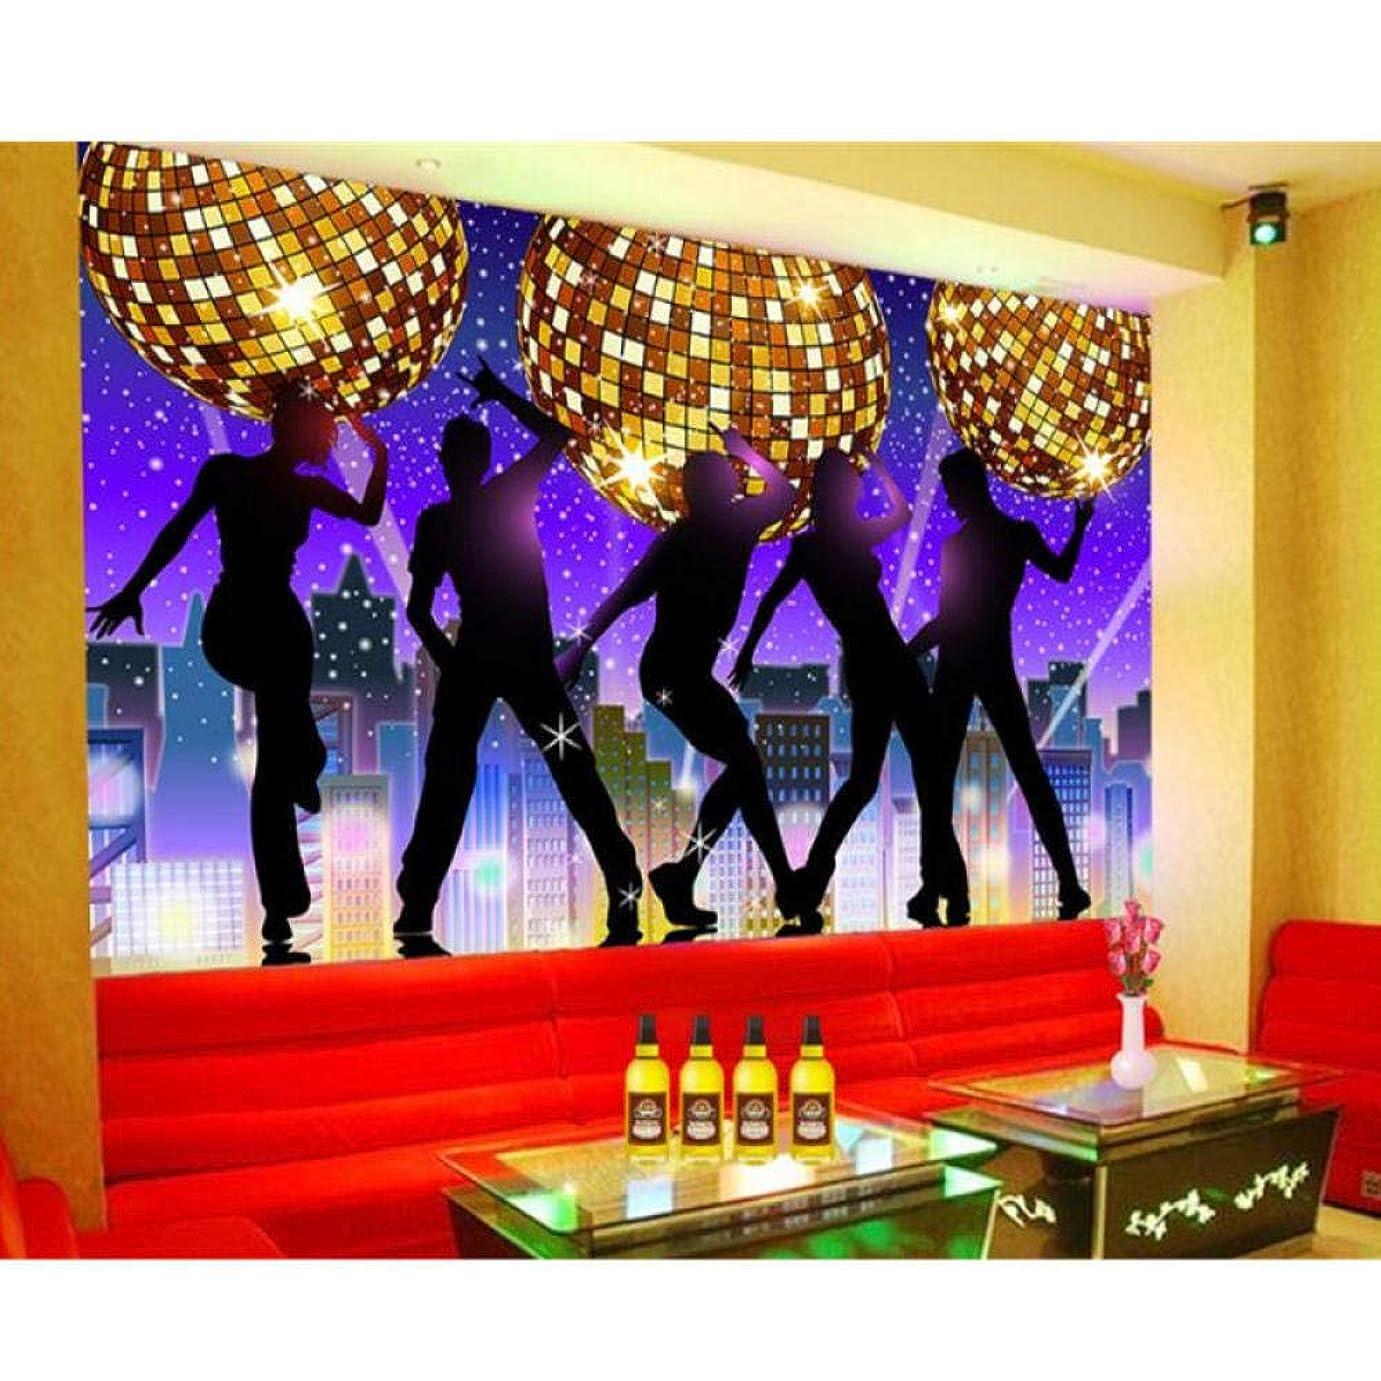 理想的桃軍艦壁画カラオケバーKTVディスコファンタジーダンスクラブナイトツーリング背景壁紙3d壁壁画280 cm(W)x 180 cm(H)